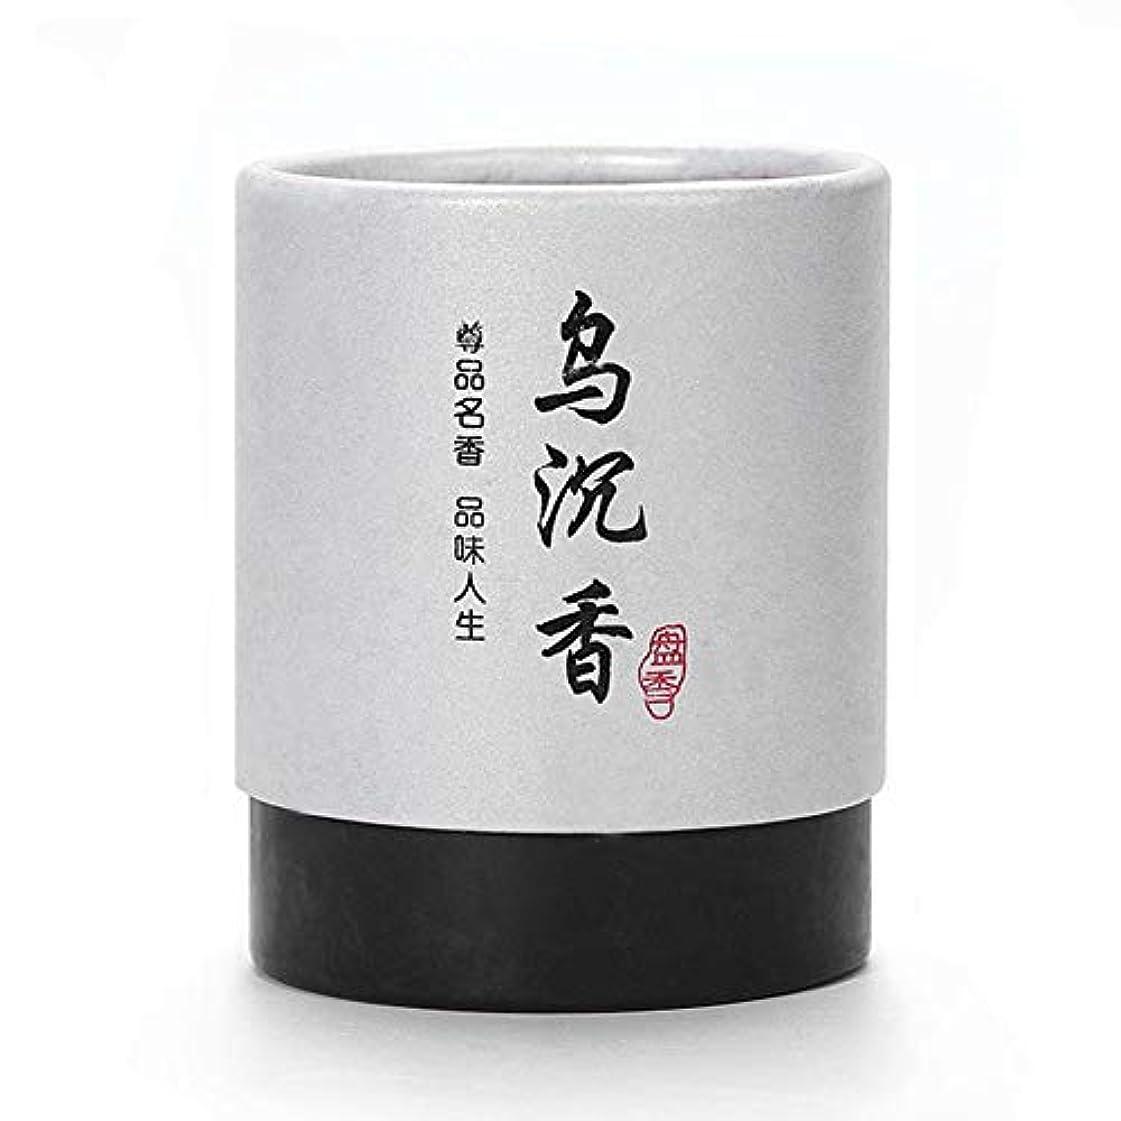 強盗内なる心配HwaGui お香 2時間 ビャクダン 盤香 渦巻き線香 優しい香り 48巻入 沉香 (乌沈香)